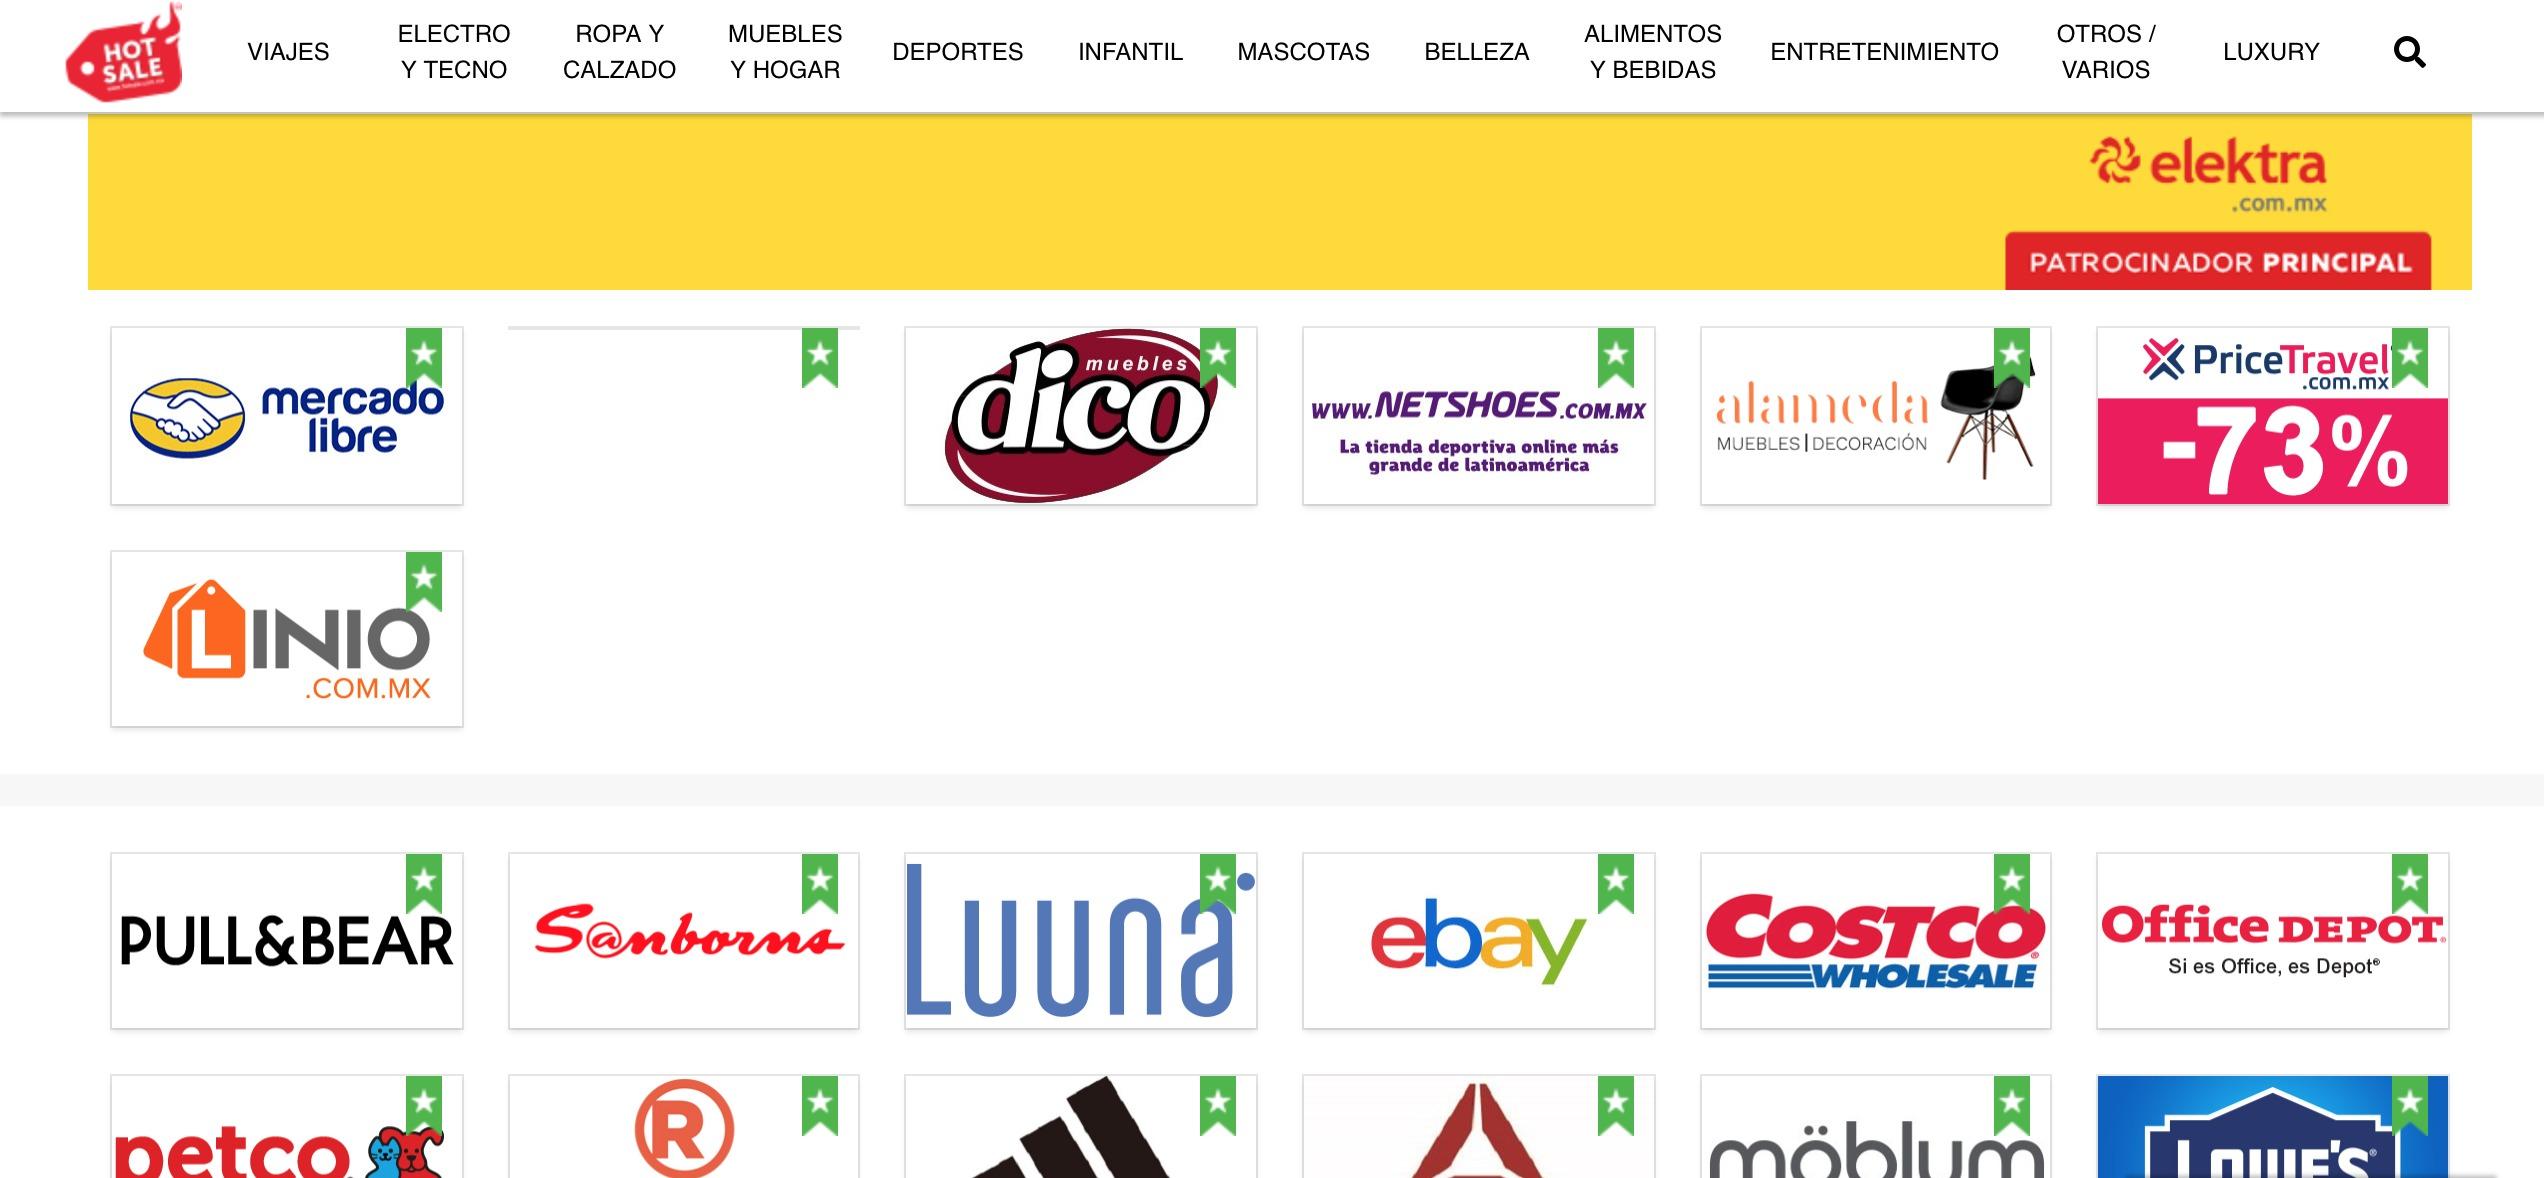 Se acerca una vez más la Hot Sale 2018 en México, te decimos cuáles tiendas participarán